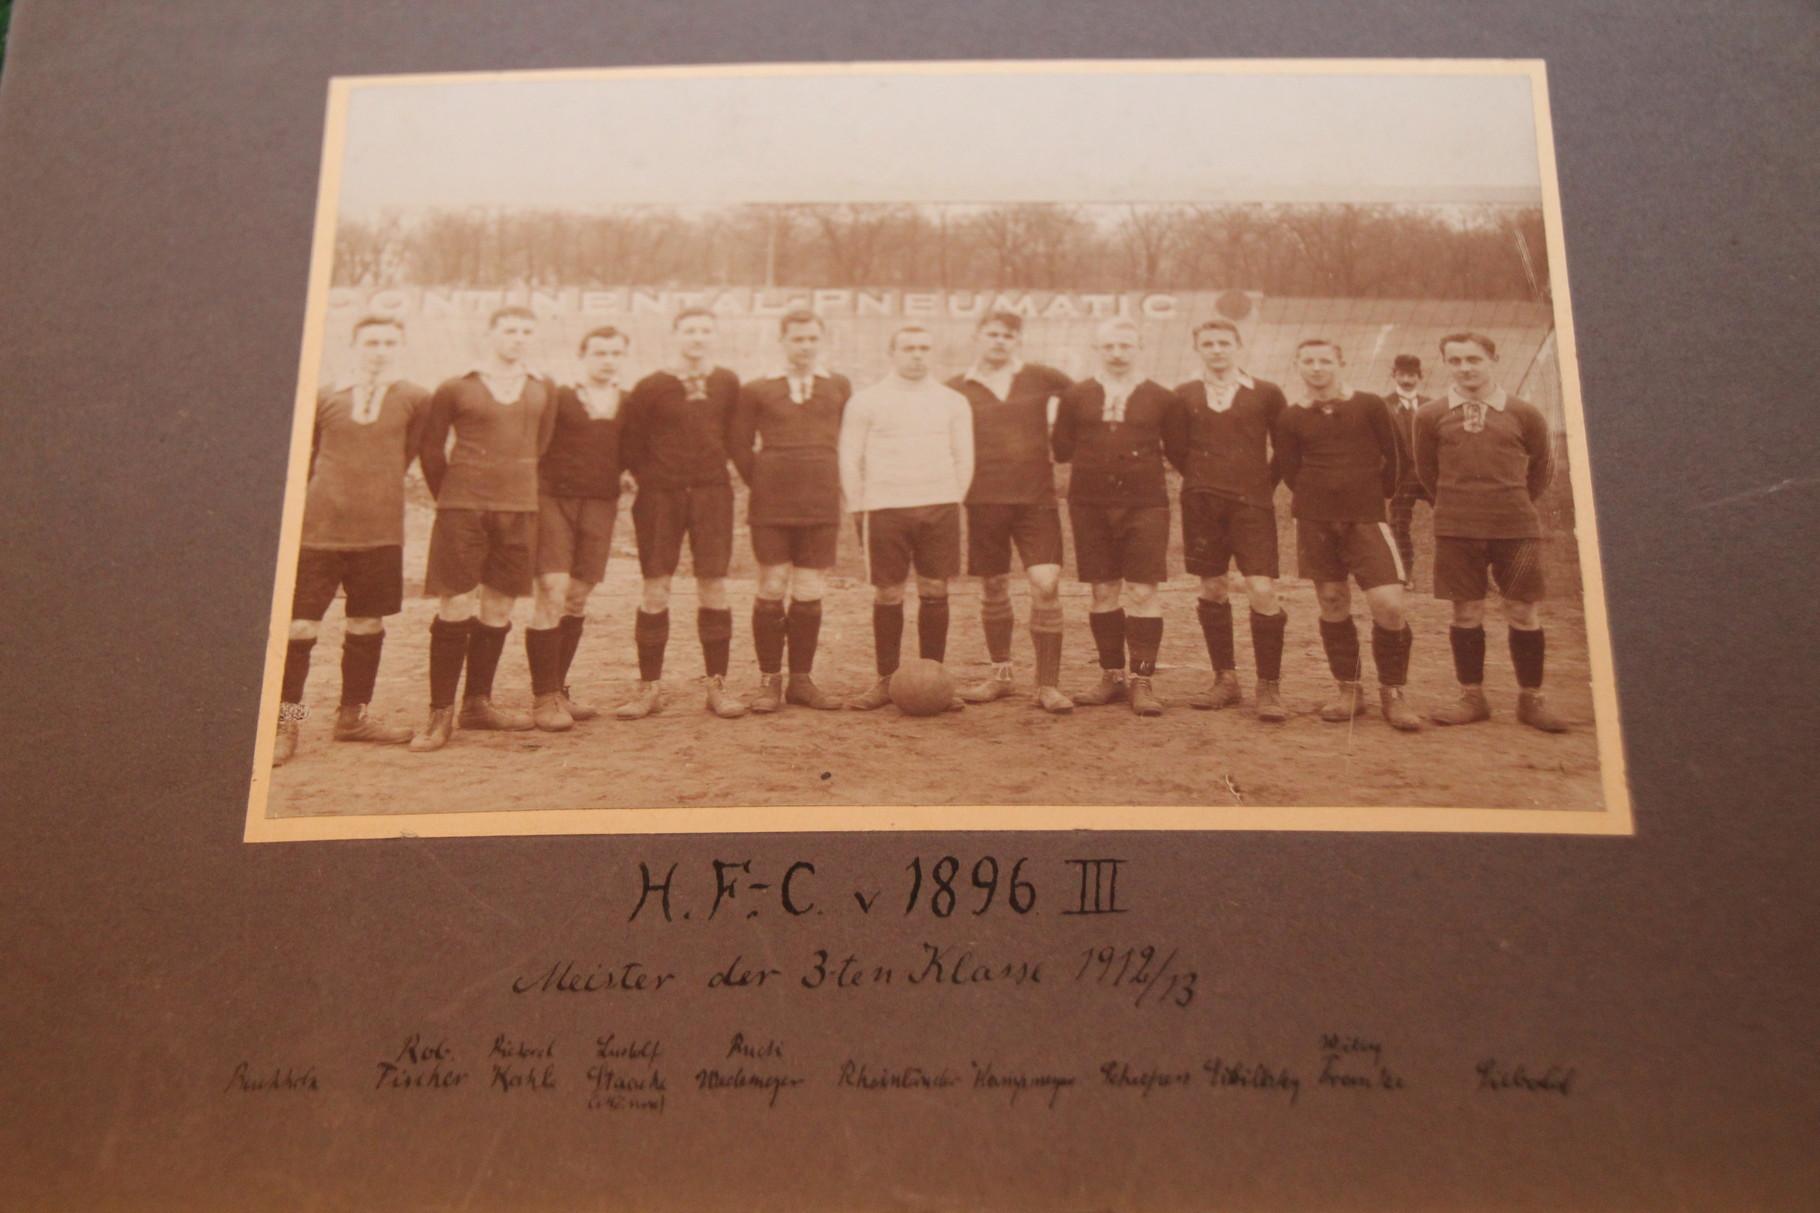 Originalfoto von HFC gegen 1896 aufgenommen am 6.4.13, wenige Monate später fusionierten die Vereine zu Hannover 96! 1/2